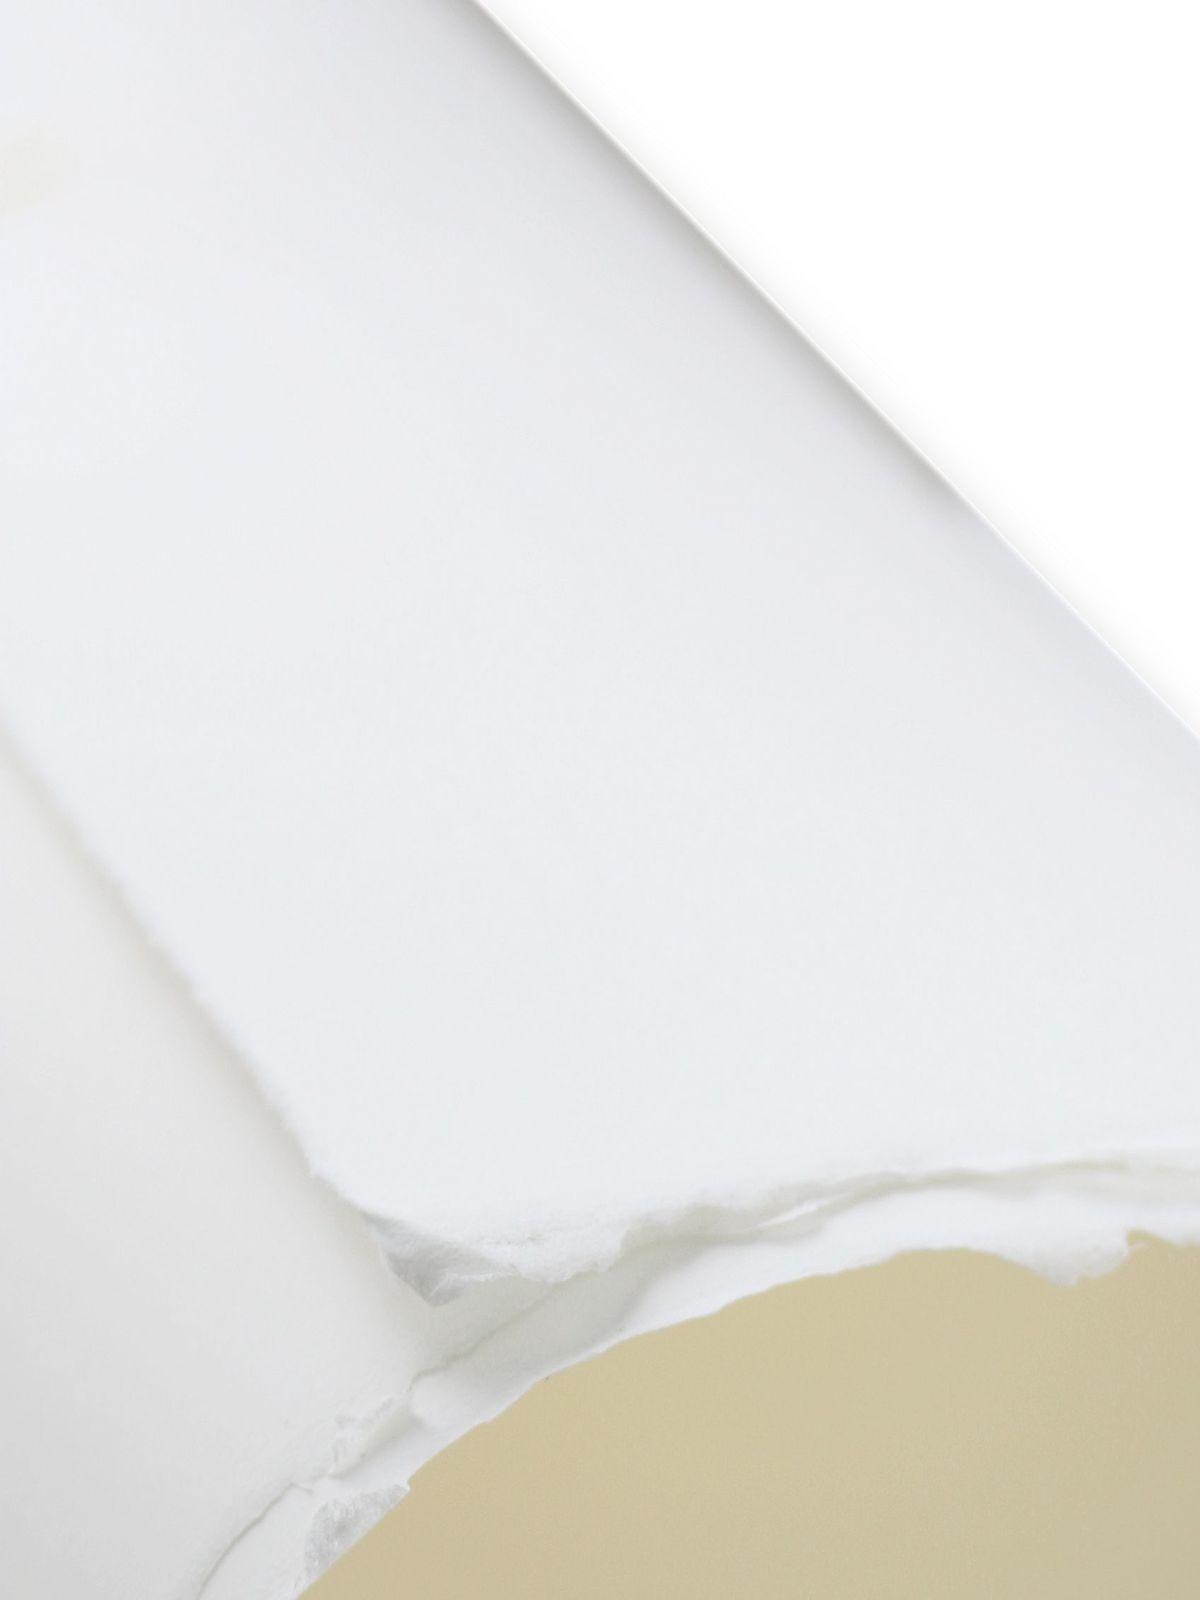 88 Silkscreen Paper